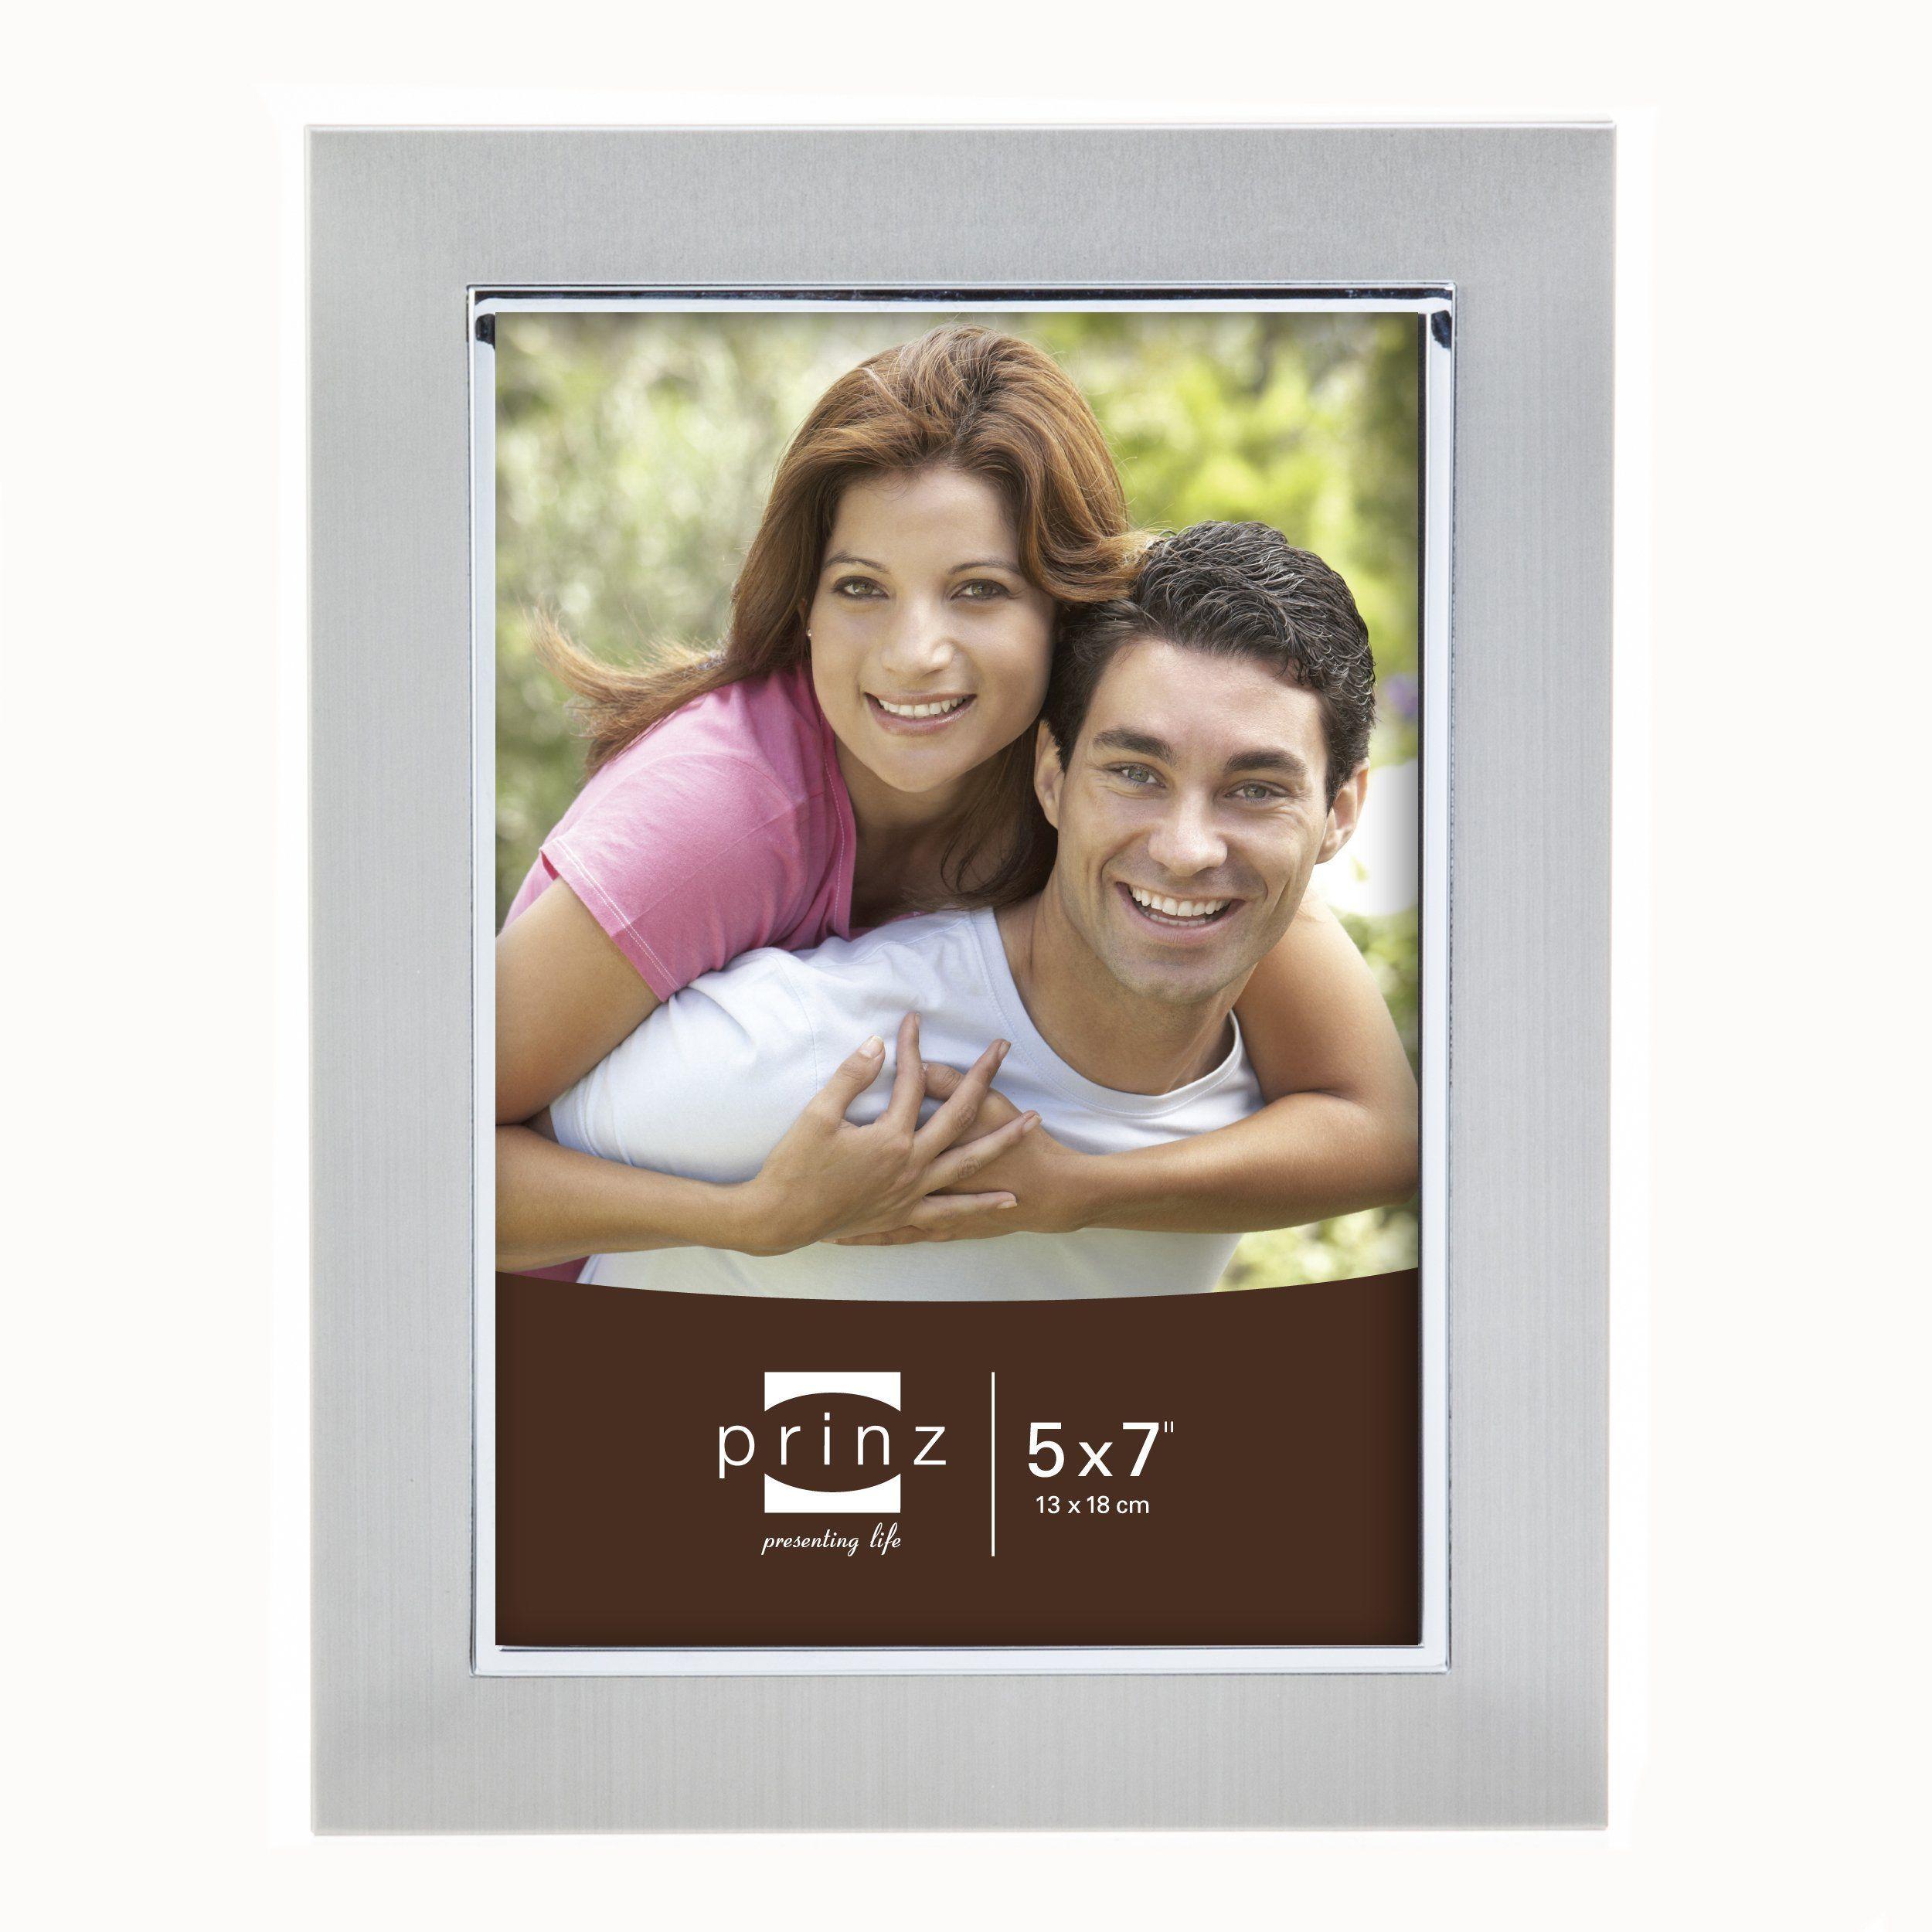 5x7 Beldon Matte Silver Metal Frame   Products   Pinterest